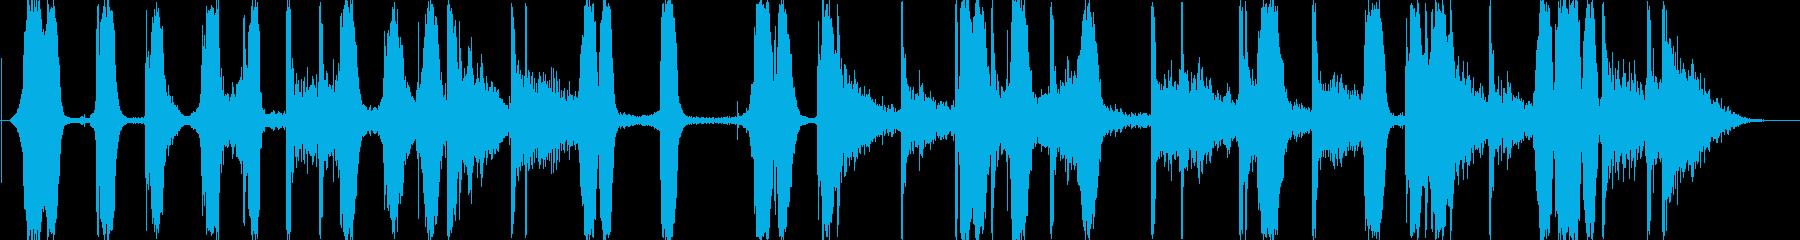 バレンシア・ファラス・マスクレタ・フィの再生済みの波形